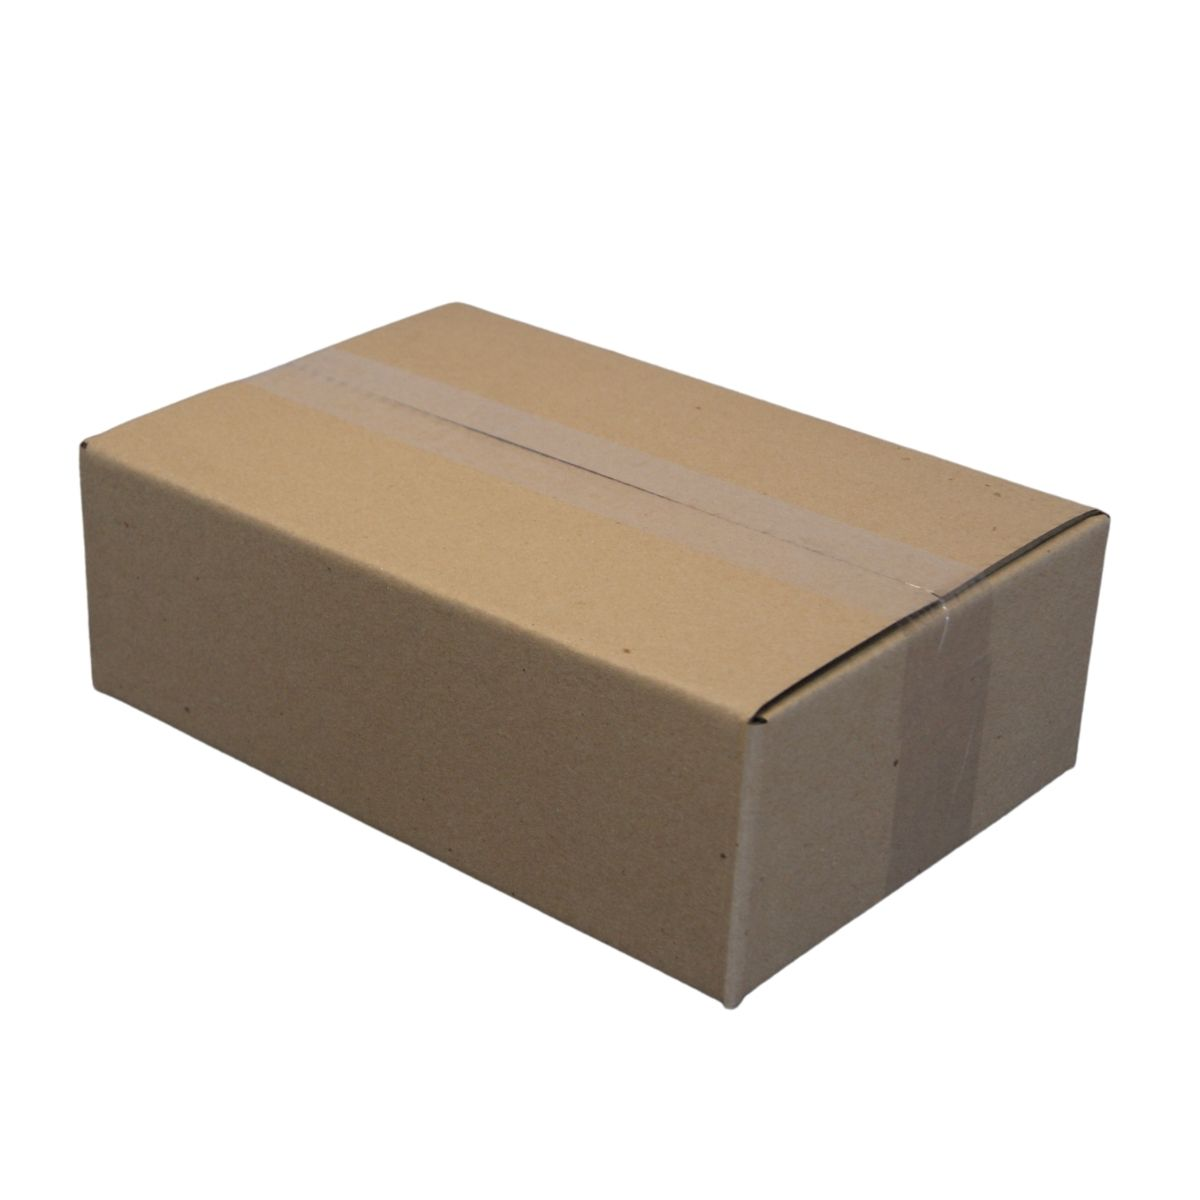 100 Caixas de Papelao (27X18X9)cm - Sedex / Pac / Correios